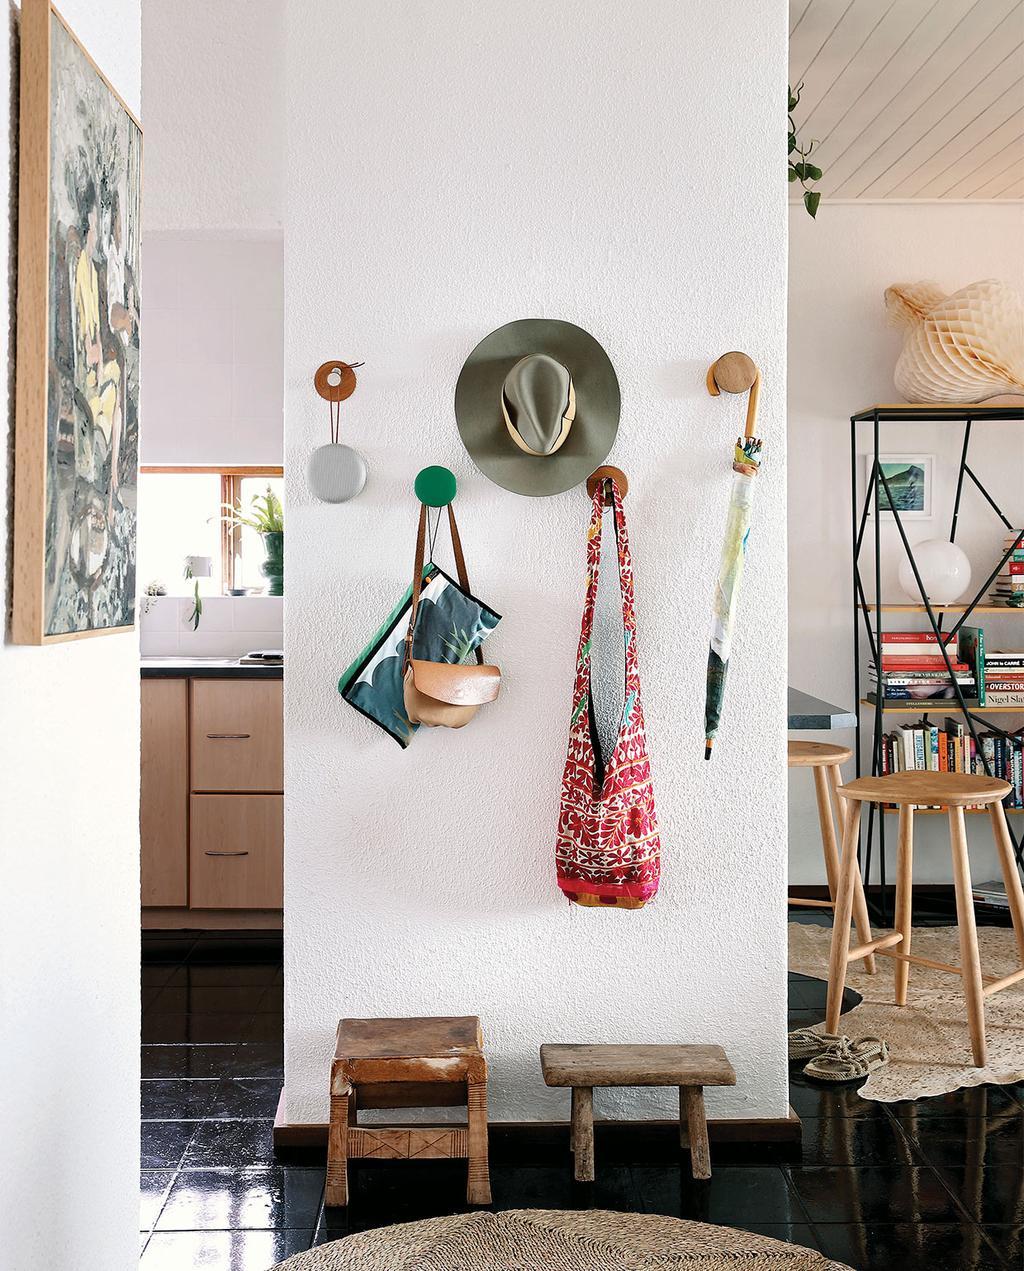 vtwonen special zomerhuizen 07-2021 | wandhaken met een hoed, verschillende tassen en twee houten trapjes